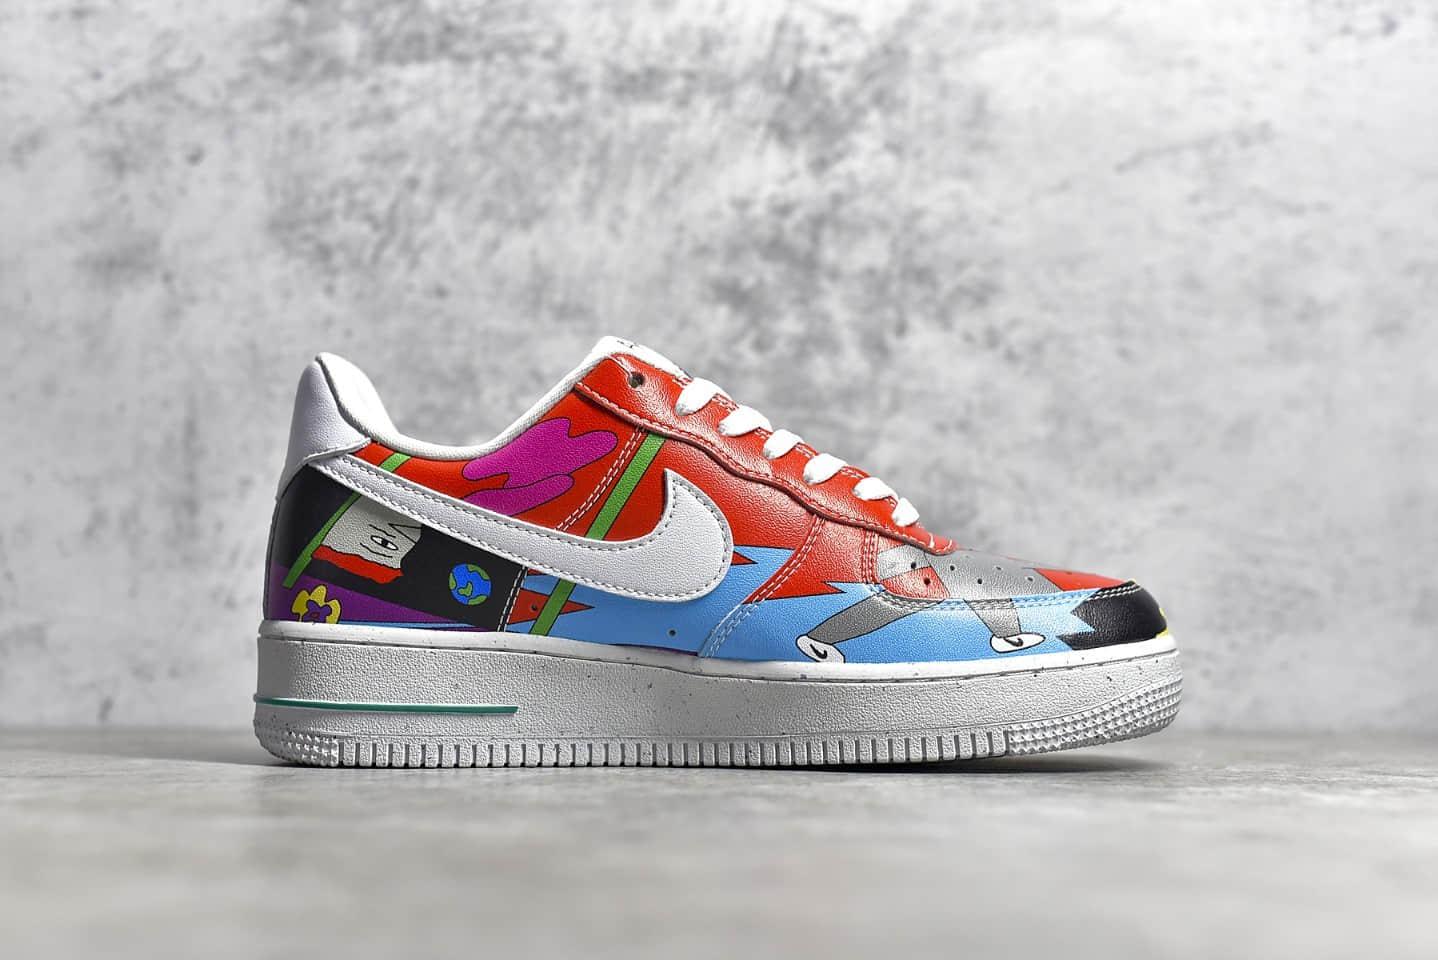 耐克空军一号张若涵联名涂鸦低帮 Ruohan Wang x Nike Air Force 1 Low(2020)华人艺术家联名 货号:CZ3990-900-潮流者之家